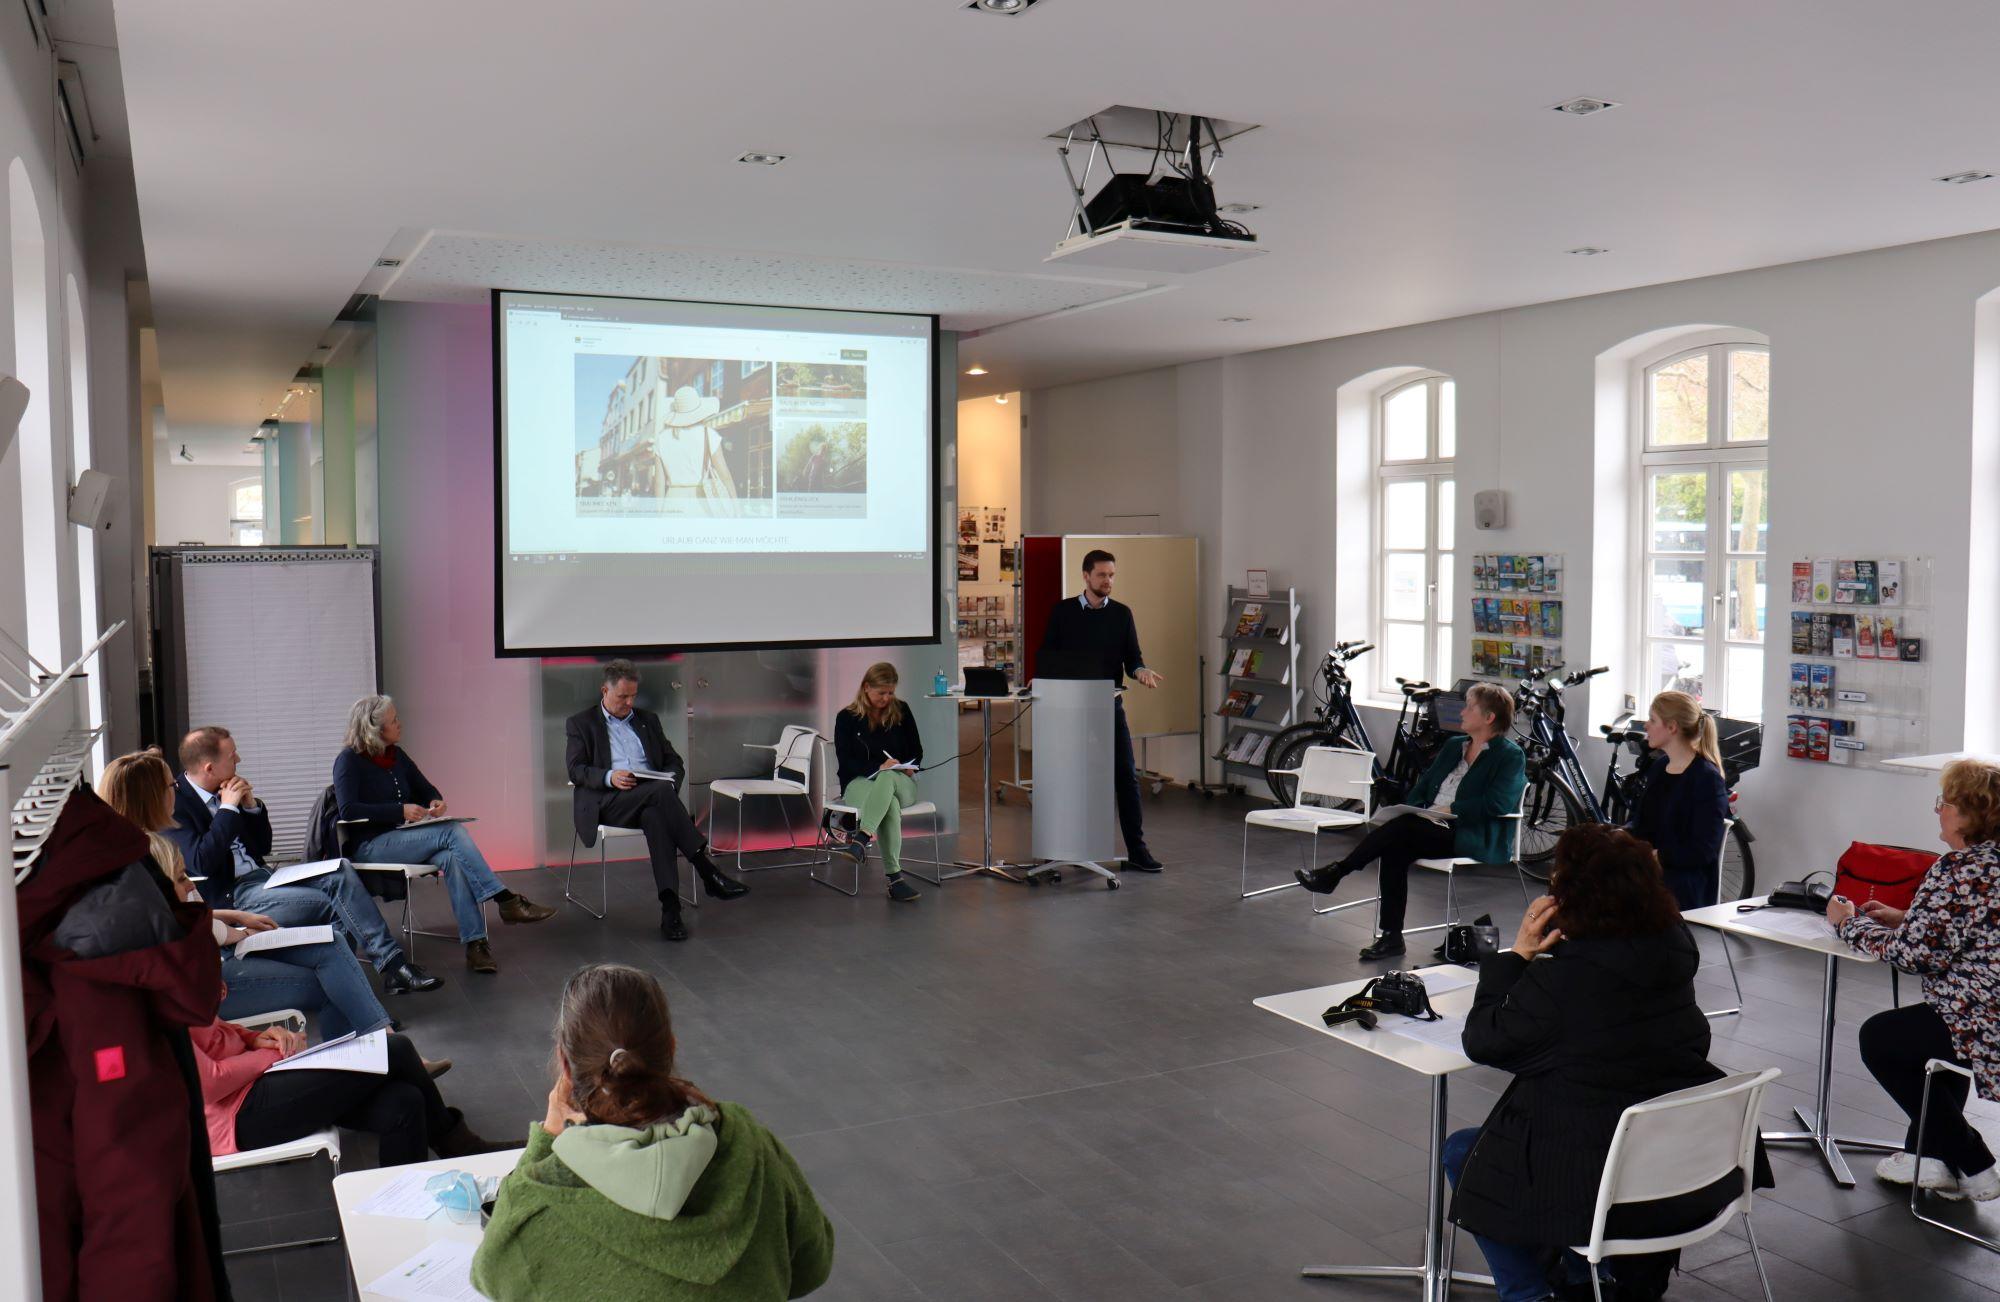 Foto DavidTschirschwitz Neue Webpräsenz von Tourismus und Naturpark in der Holsteinischen Schweiz